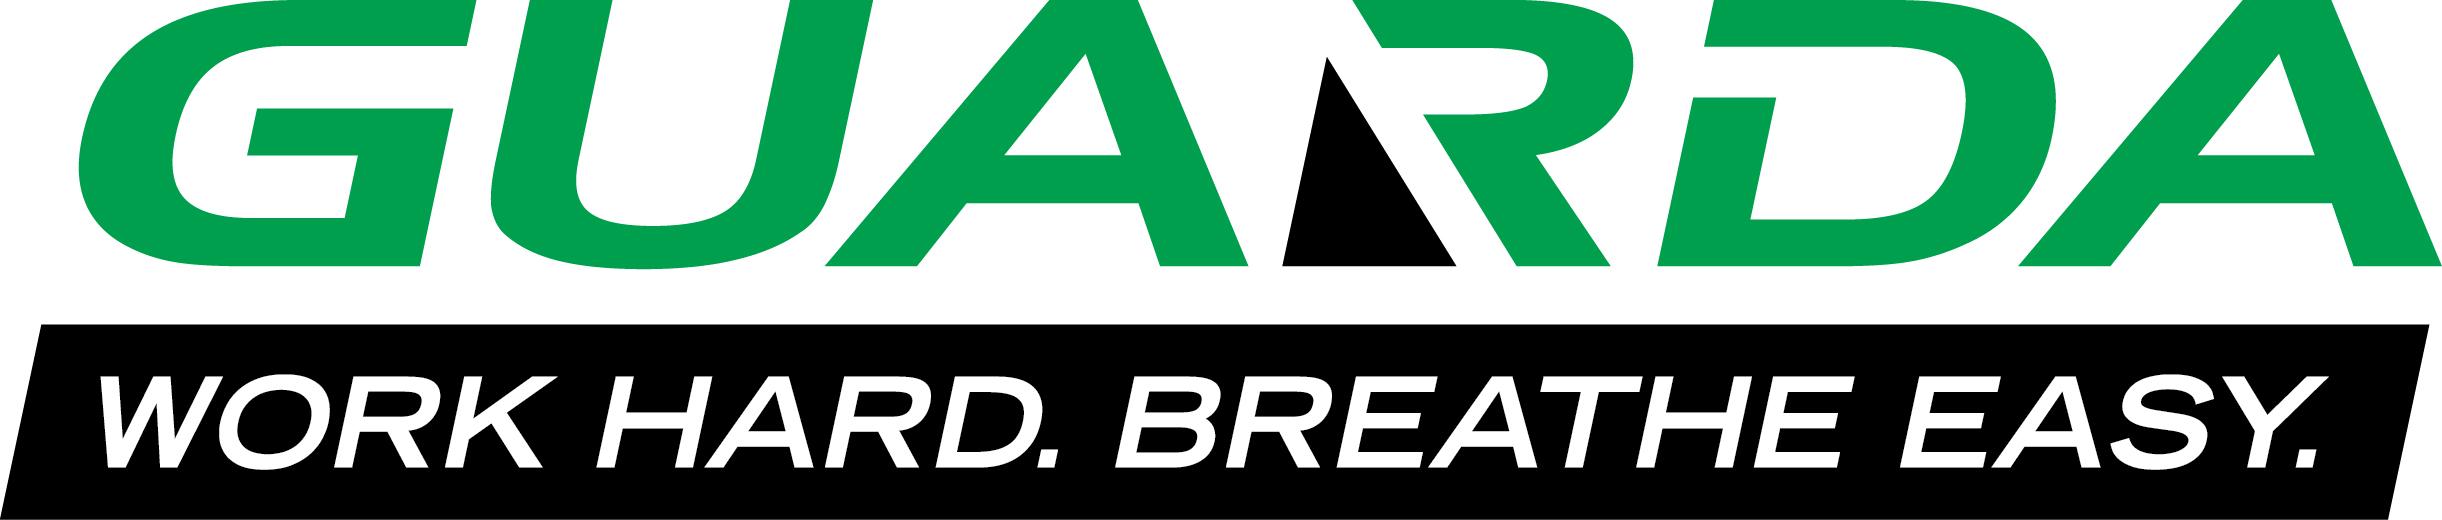 Guarda logo with tagline